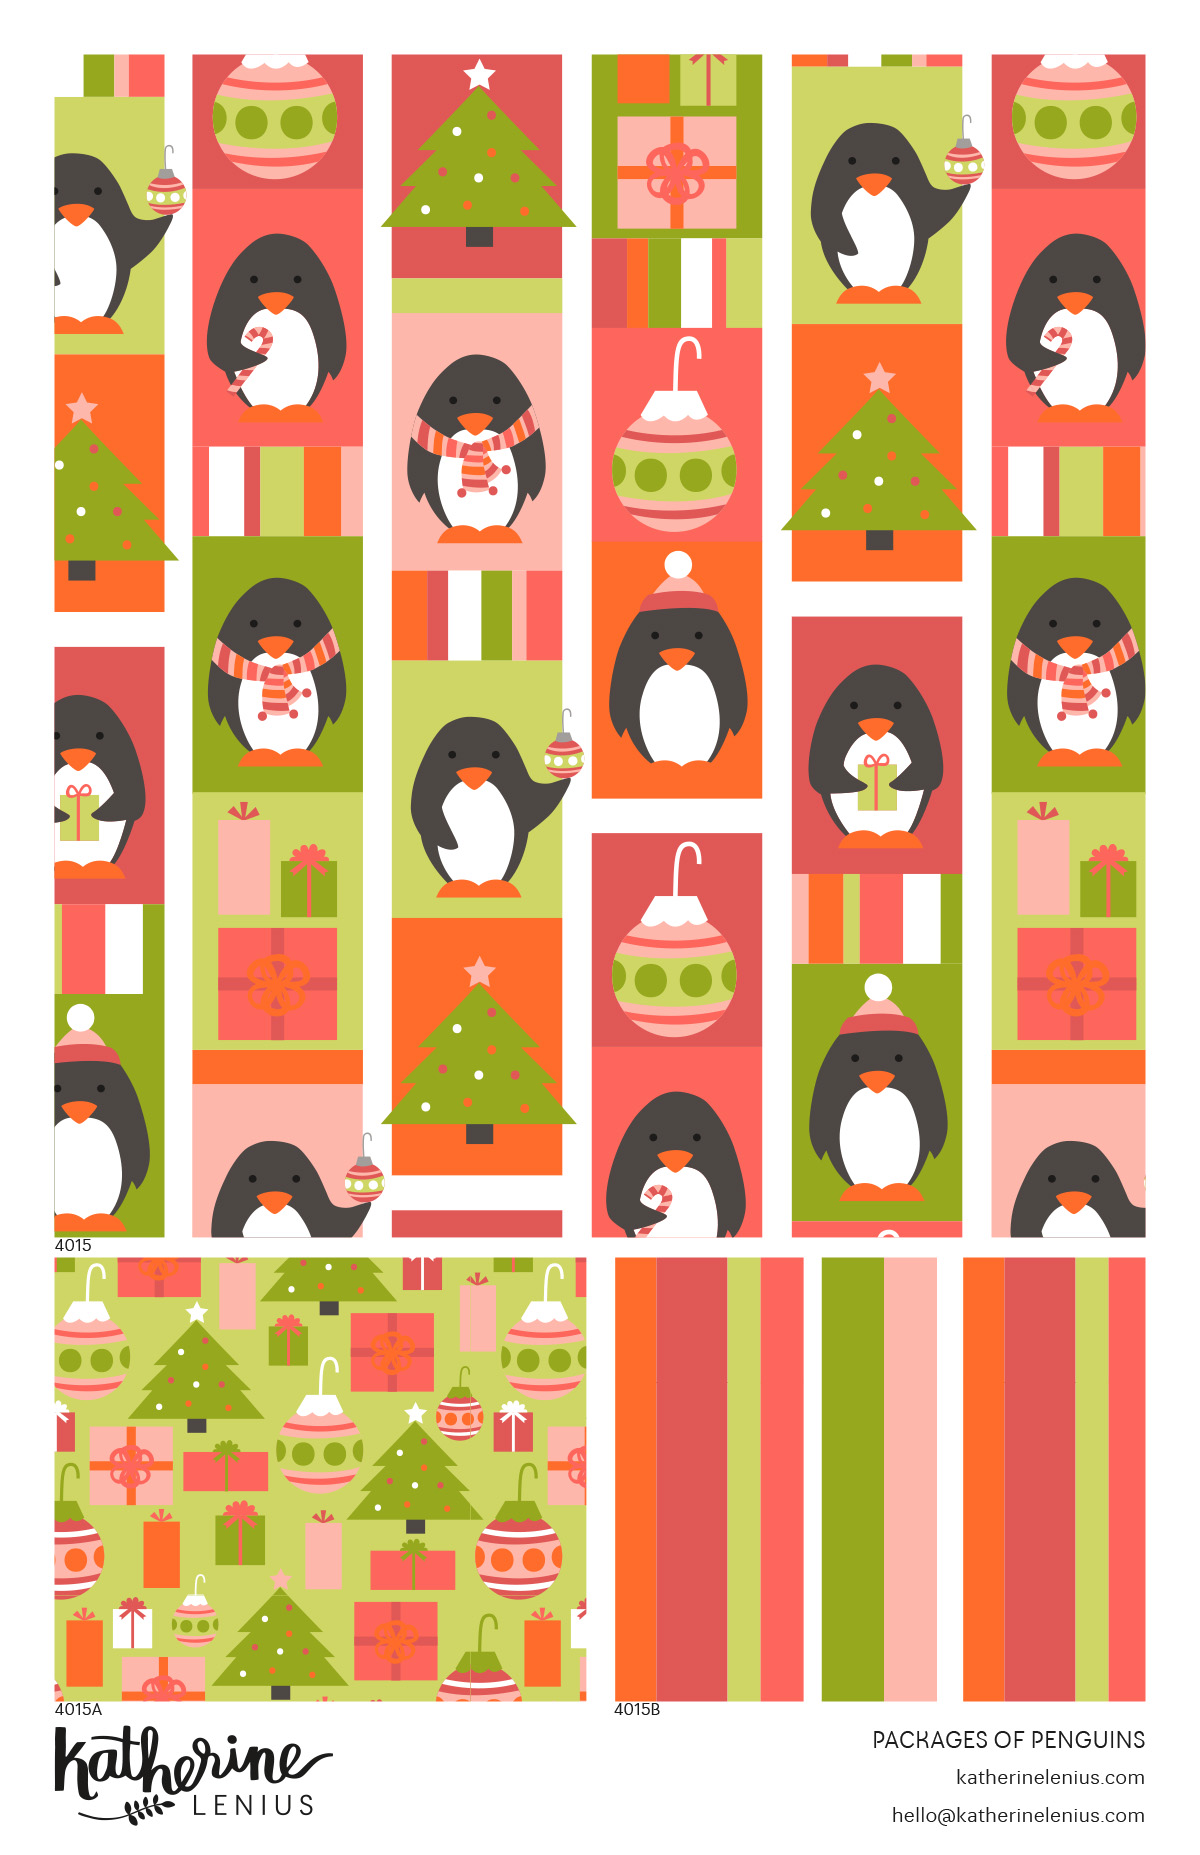 KL_4015_Packages of Penguins copy.jpg